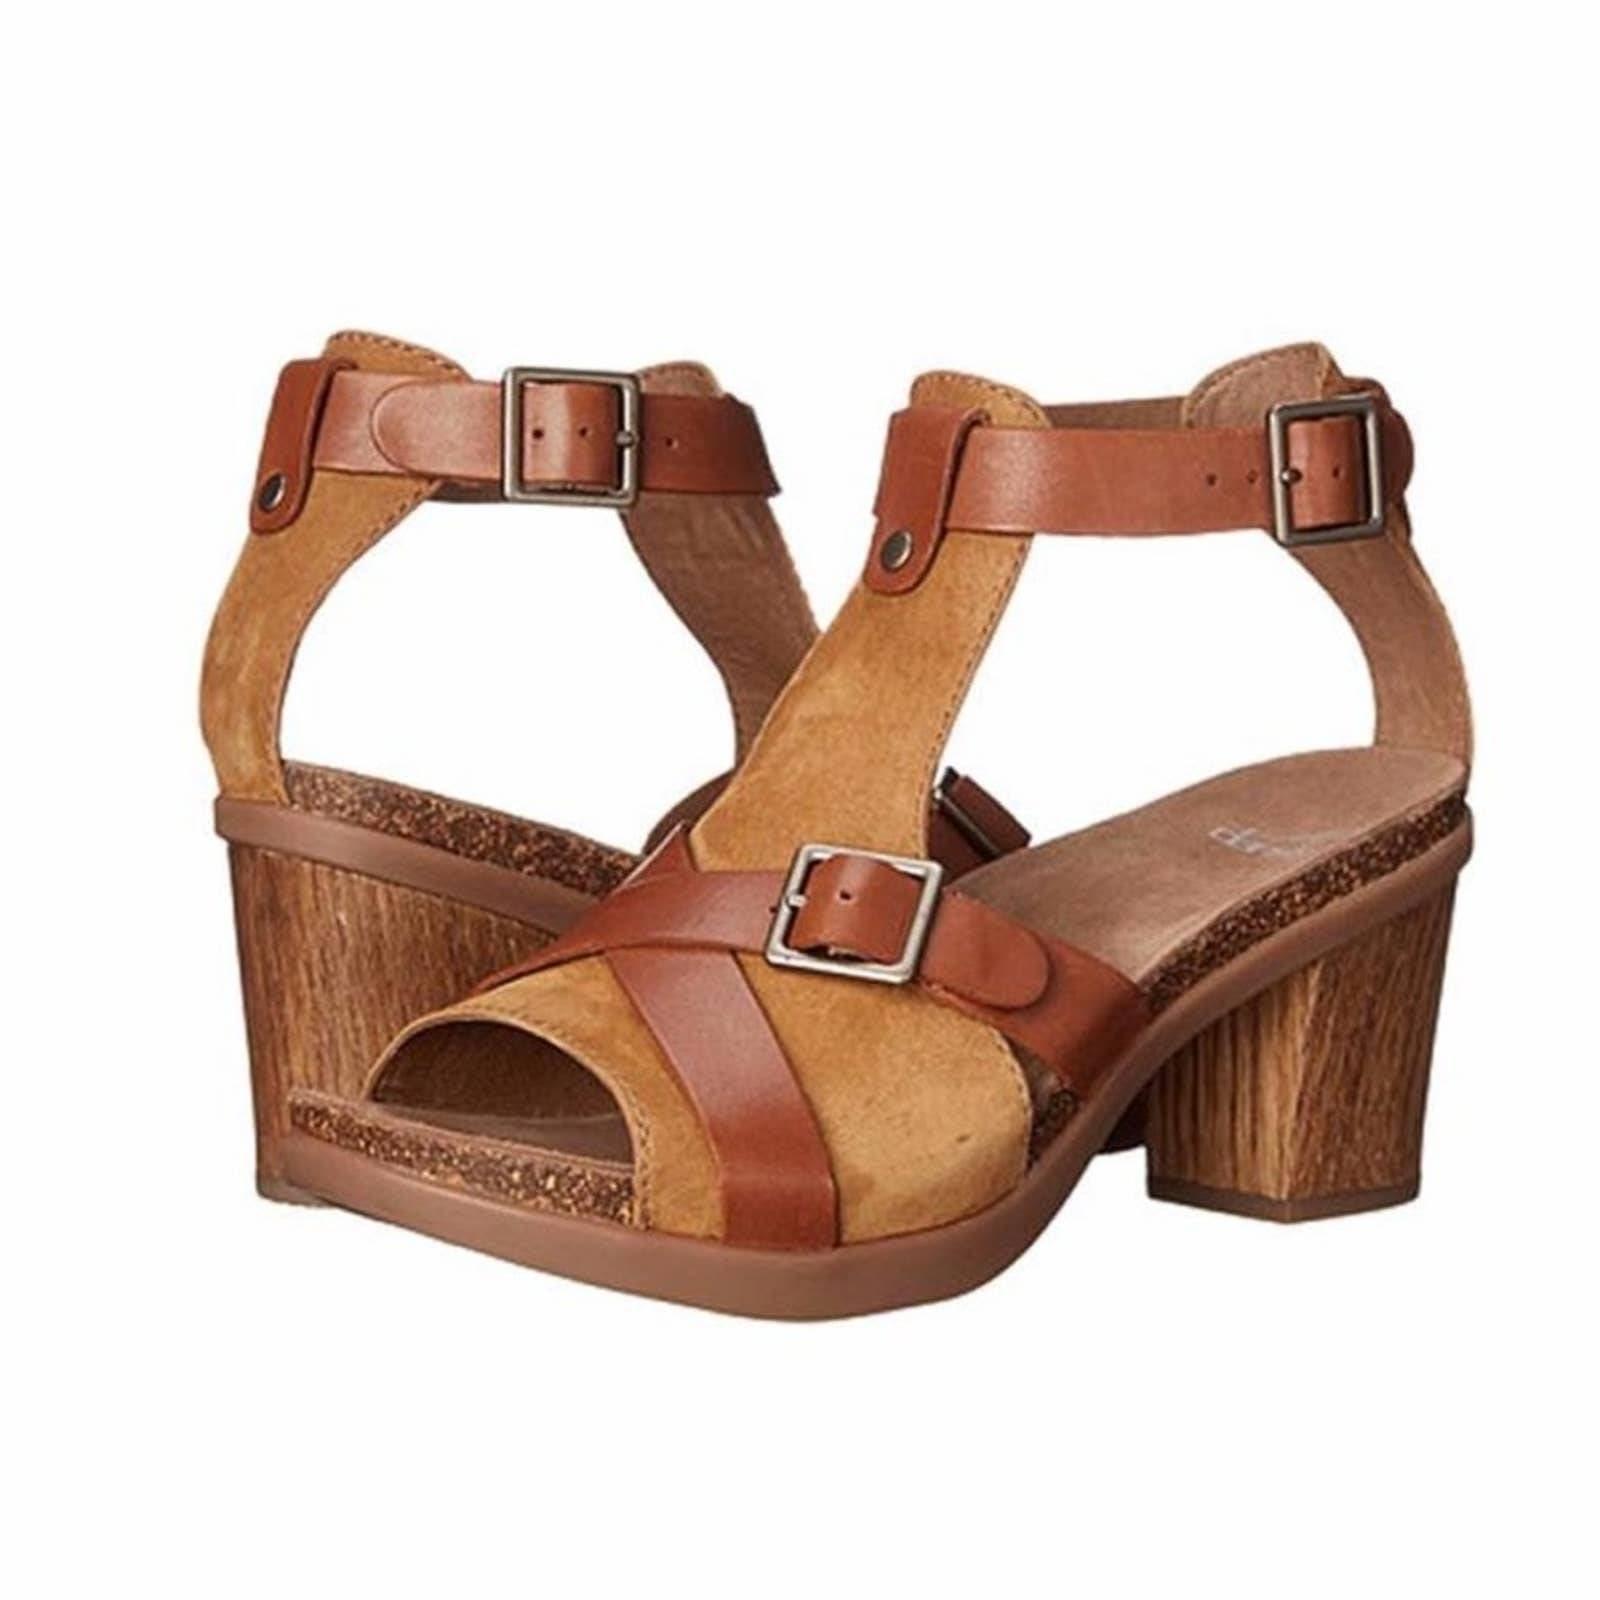 DANSKO Dominique Leather Pump Sandal